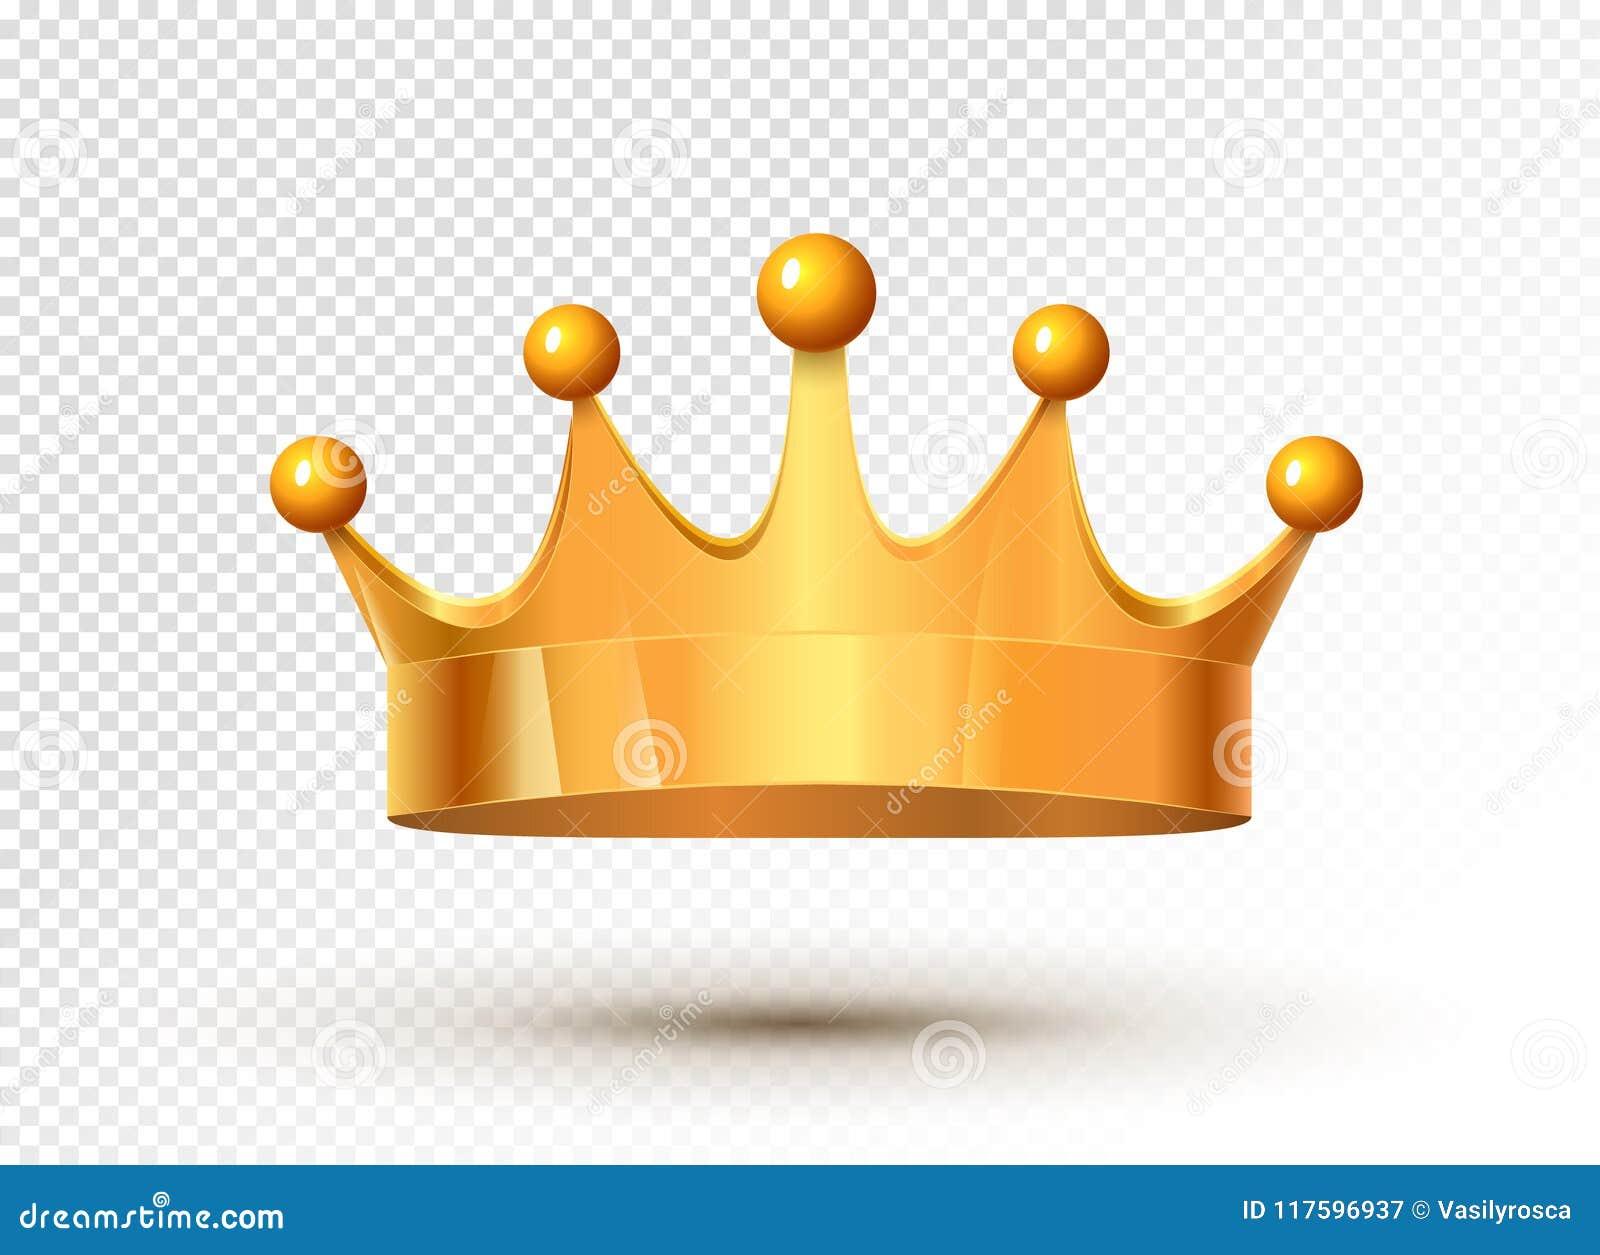 O luxo real da coroa dourada do rei isolou o tesouro medieval do monarca Autoridade da coroa do ouro do metal